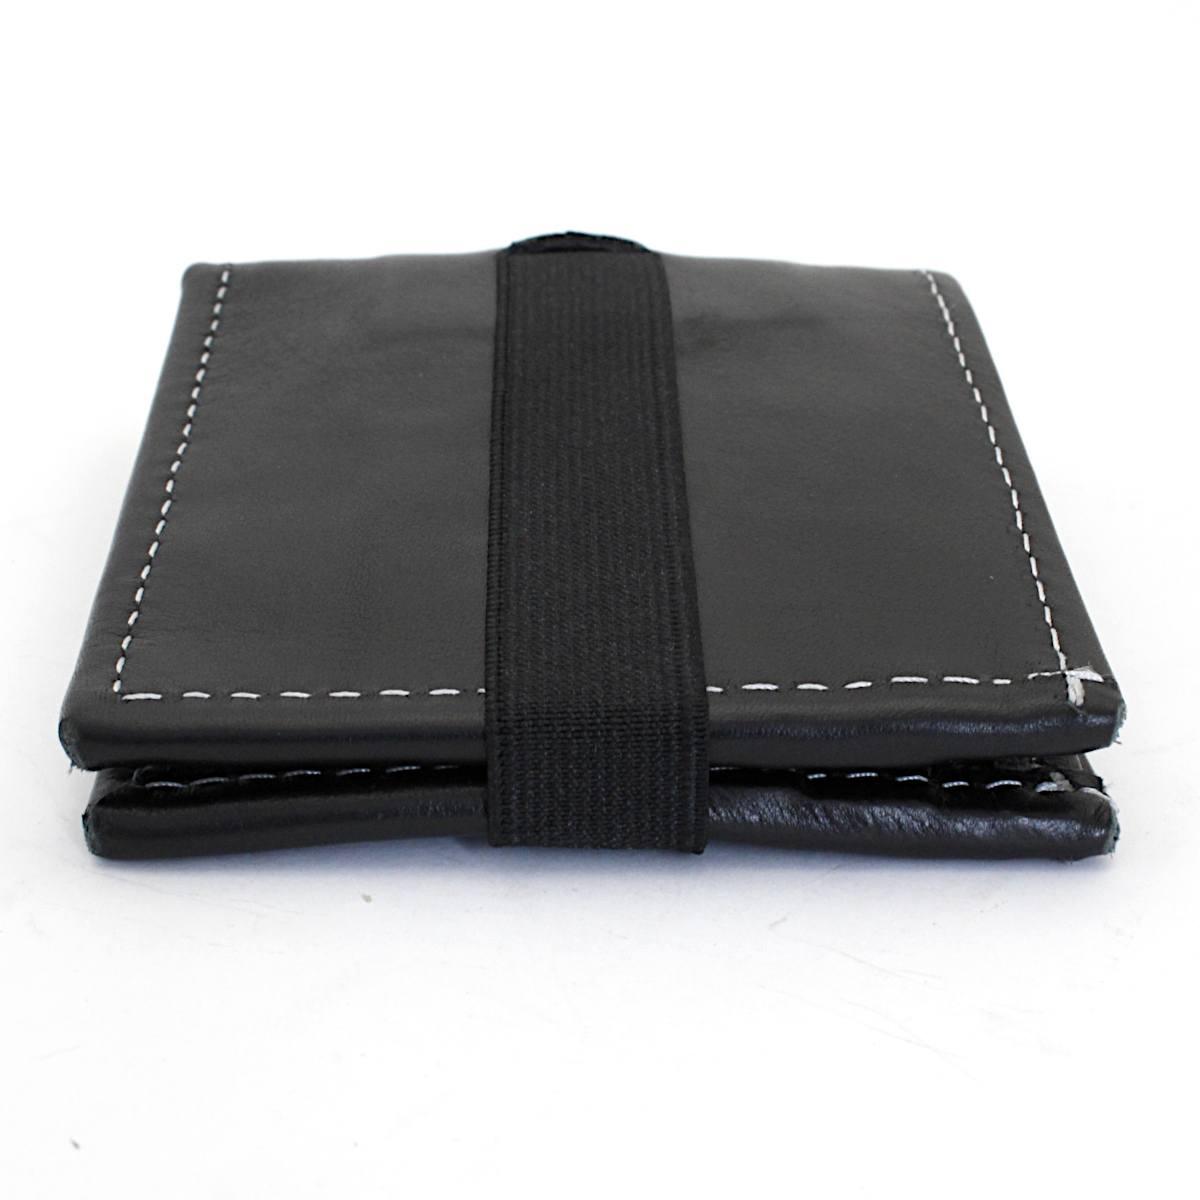 превъзходен мъжки кожен портфейл в черно - отстрани